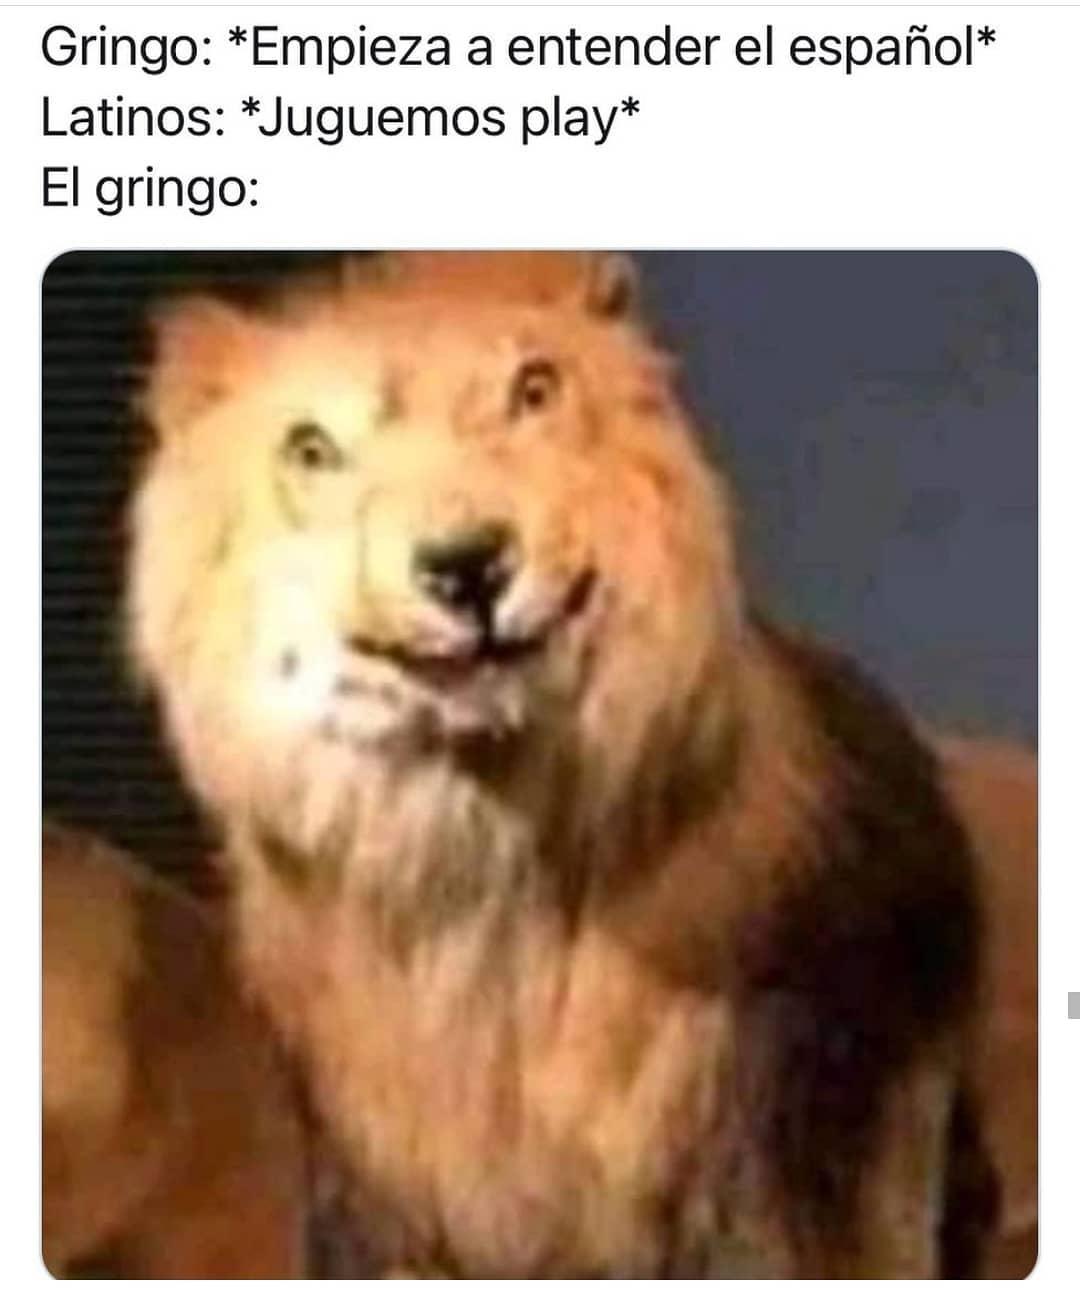 Gringo: *Empieza a entender el español*  Latinos: *Juguemos play*  El gringo: